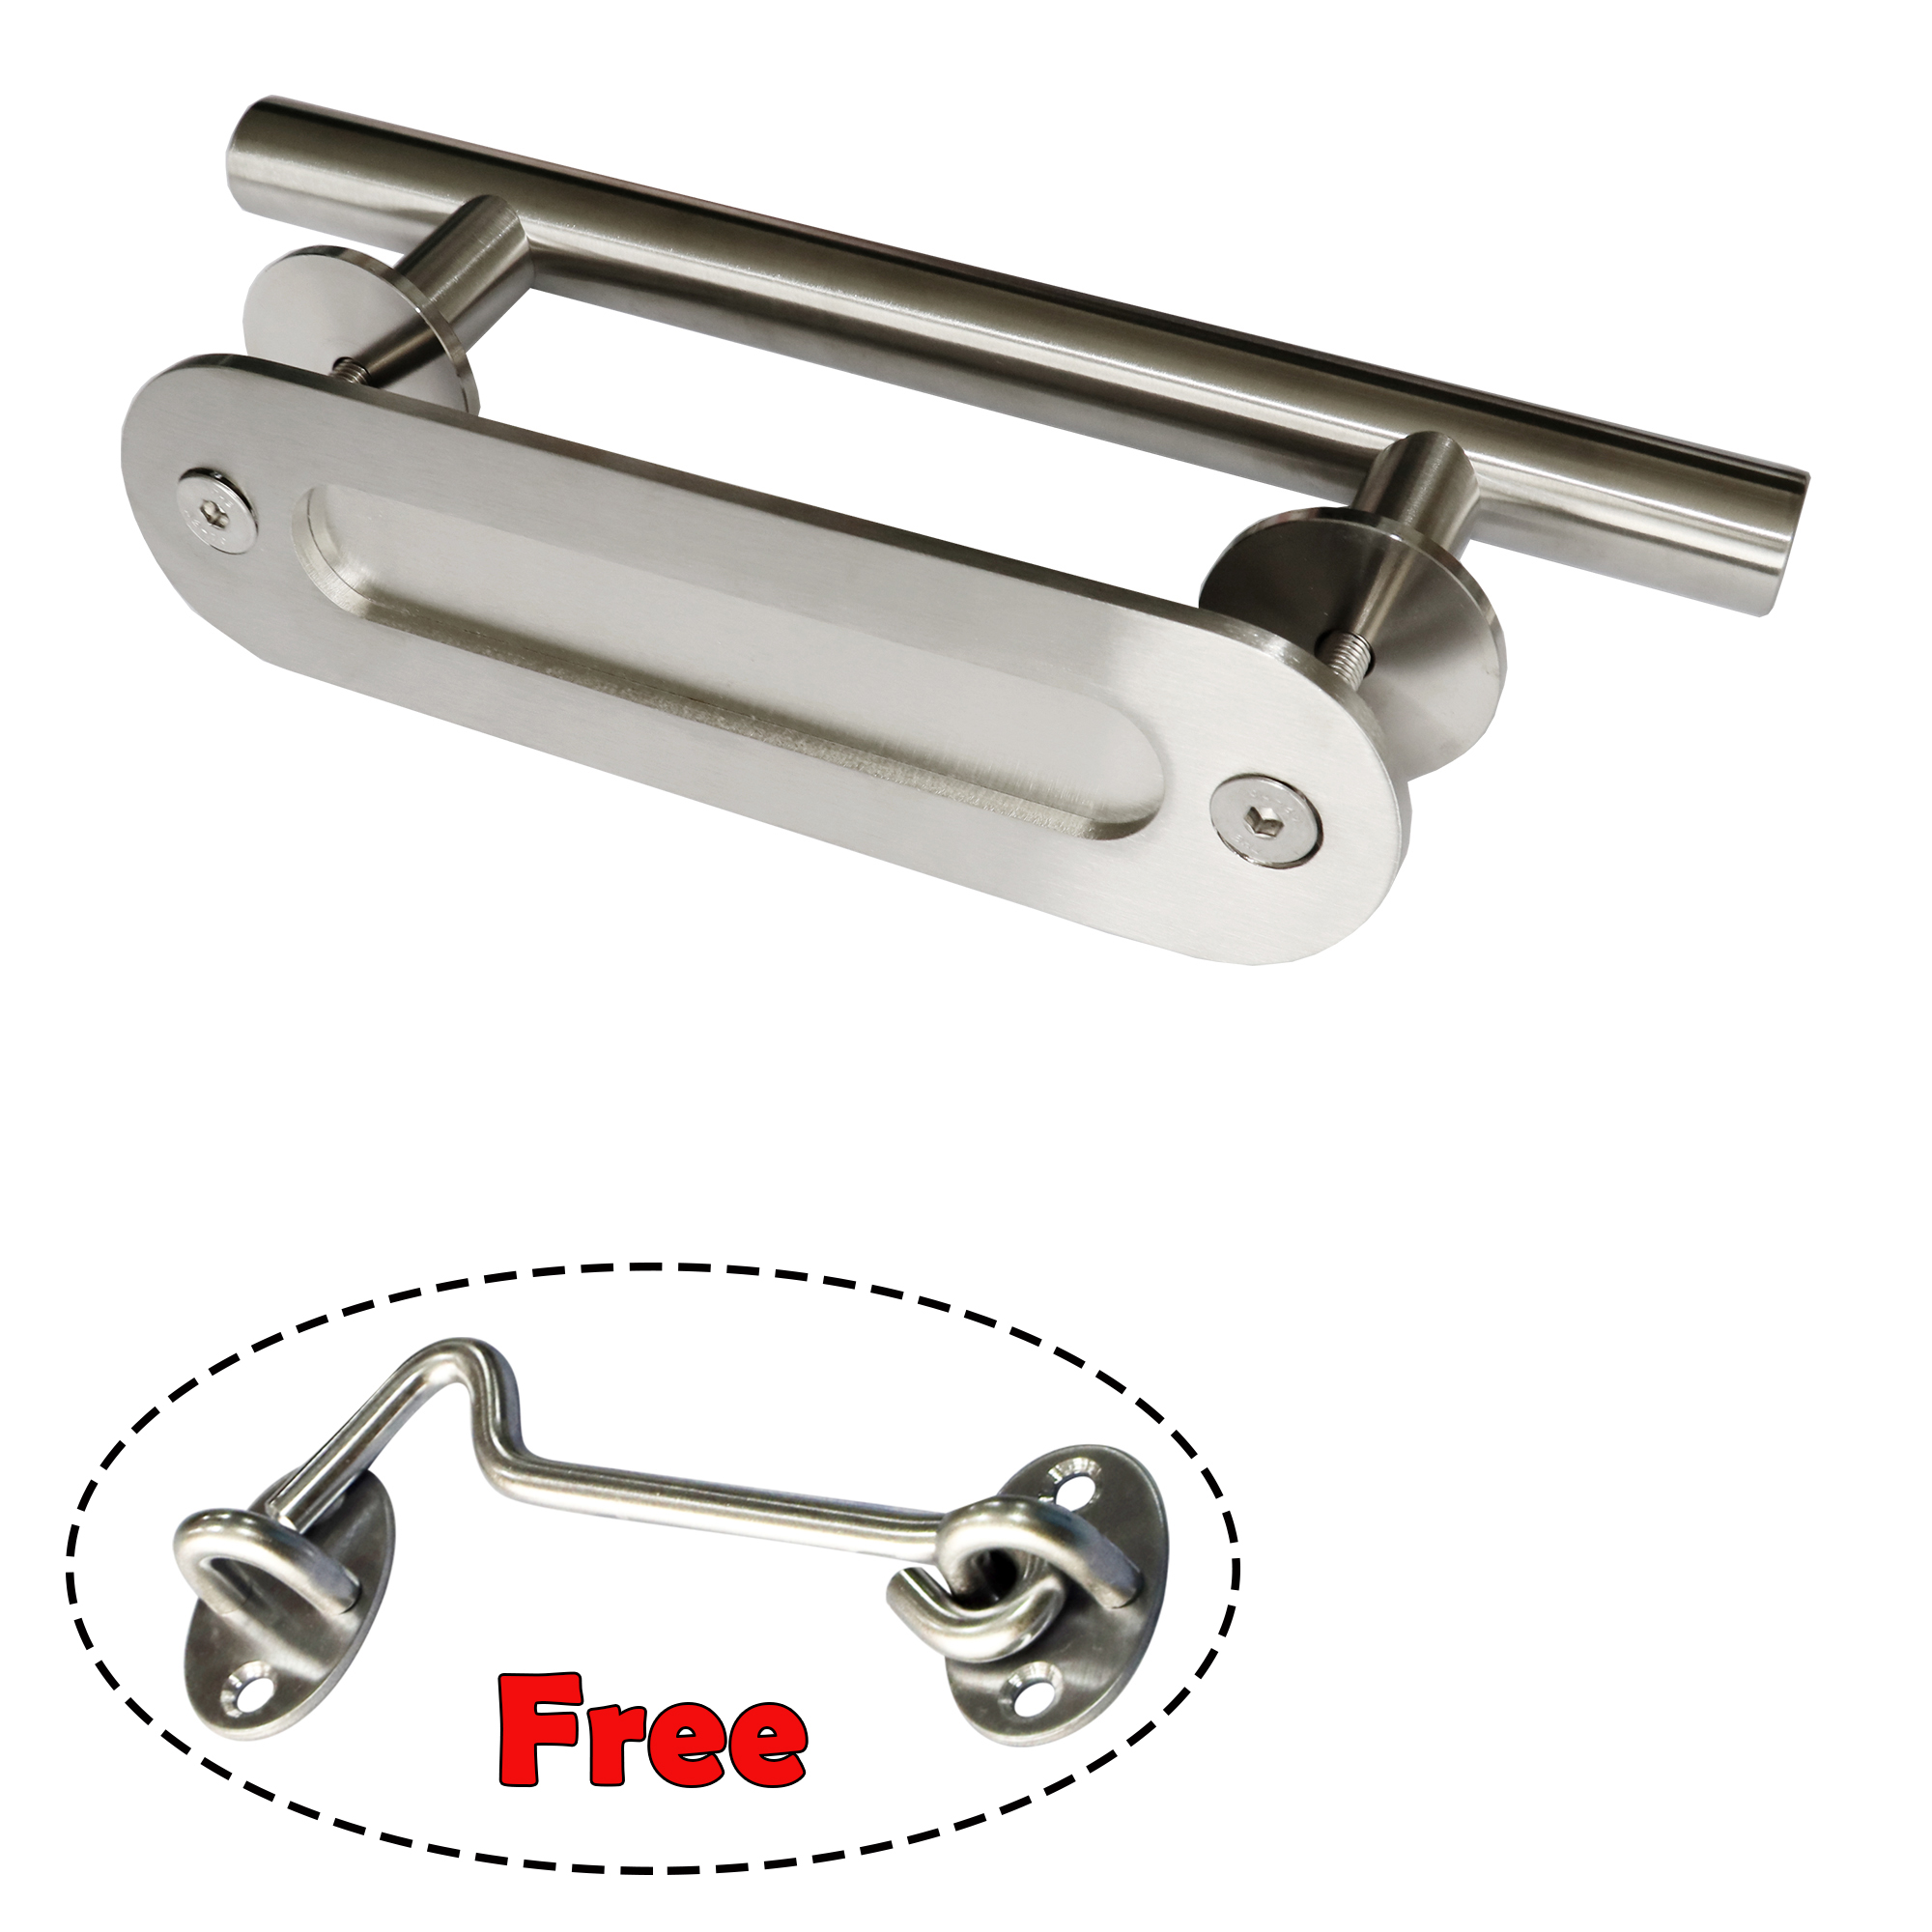 12 Stainless Steel Sliding Barn Door Handle Wood Door Oval Flush Pull Free Latch Lock Door Handles Aliexpress